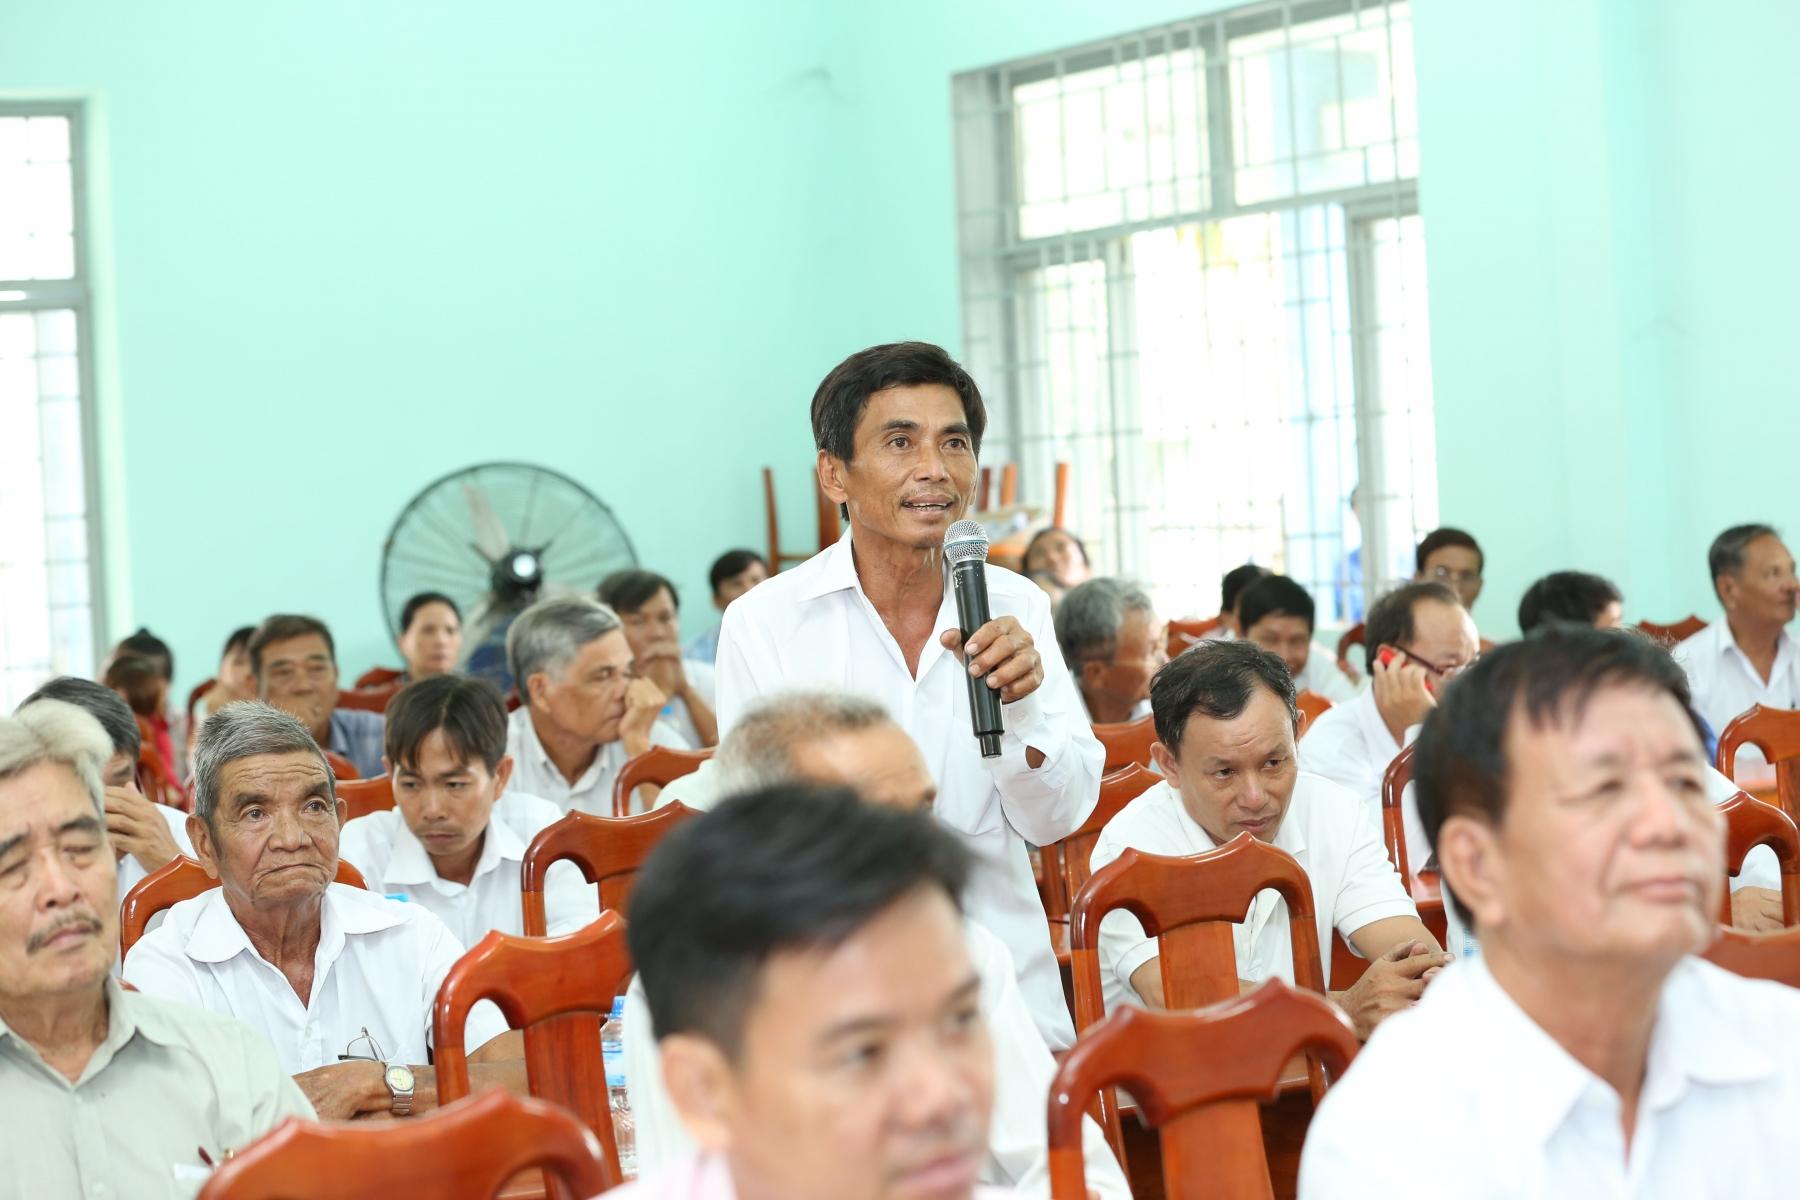 pho thu tuong truong hoa binh chong tham nhung la xu the khong the thay doi